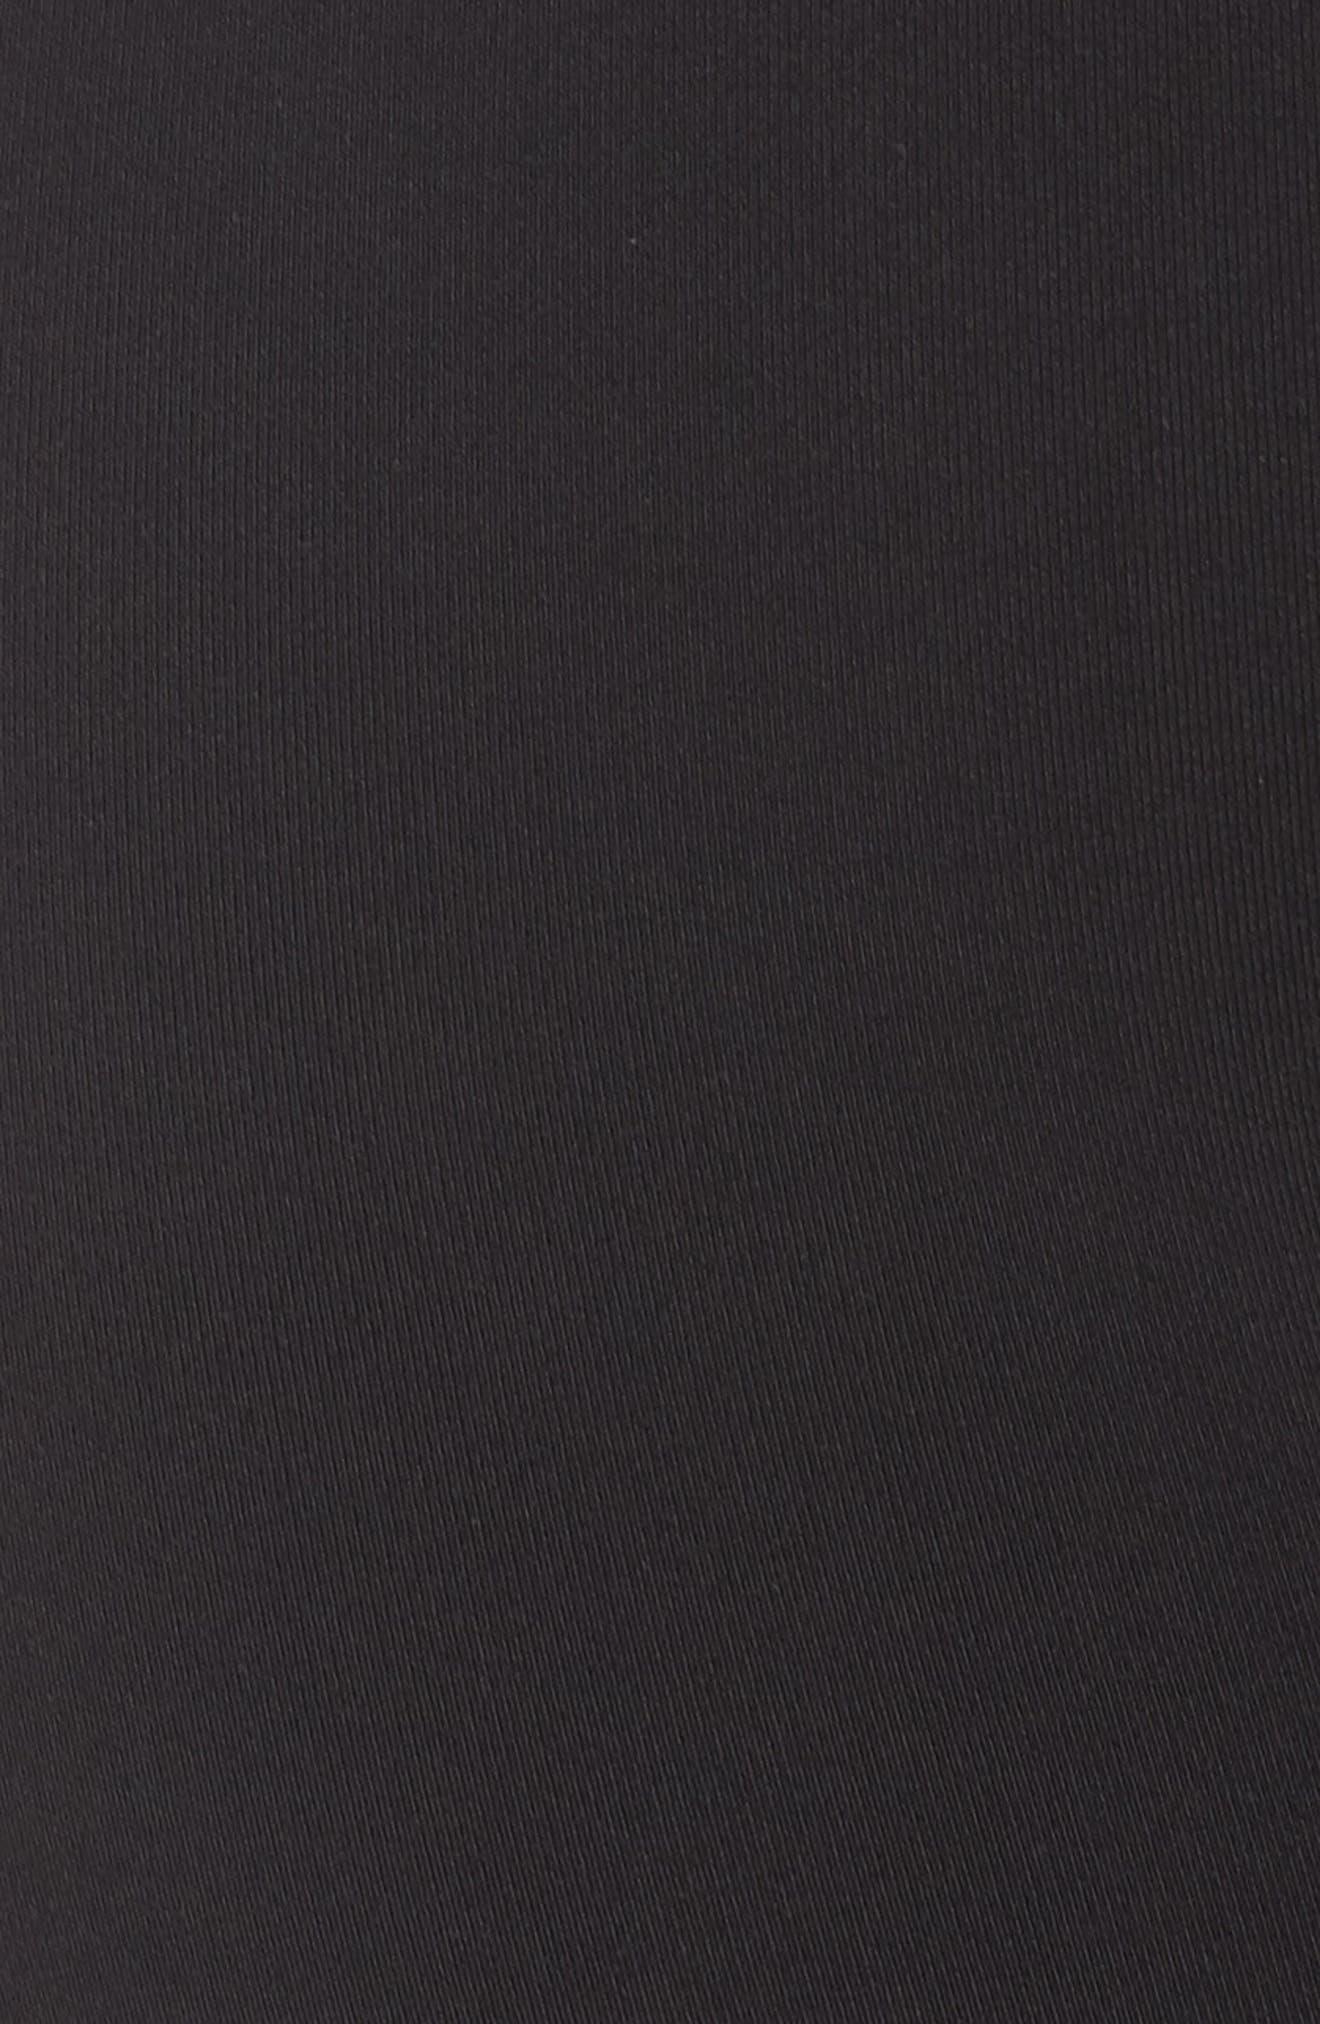 Goddess Ribbed Leggings,                             Alternate thumbnail 6, color,                             BLACK/ NECTAR